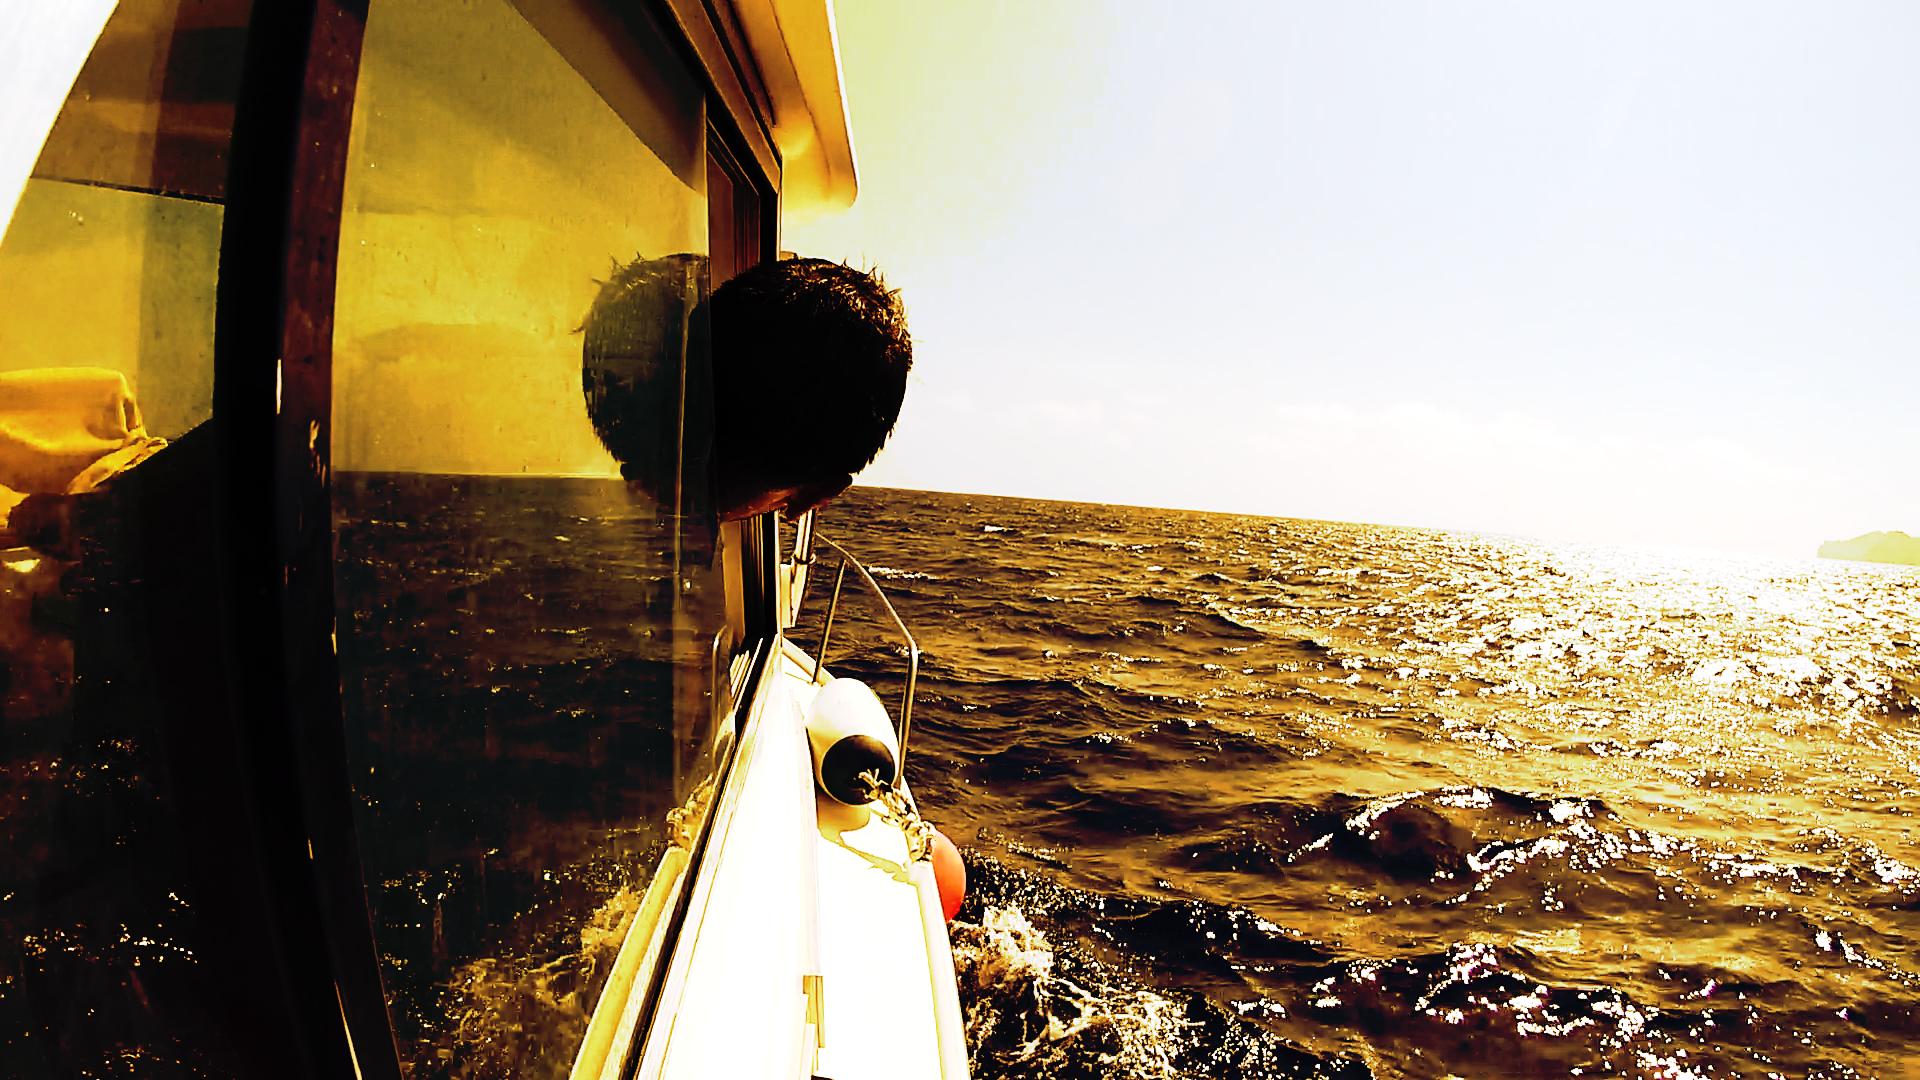 bateau pedro vitre or